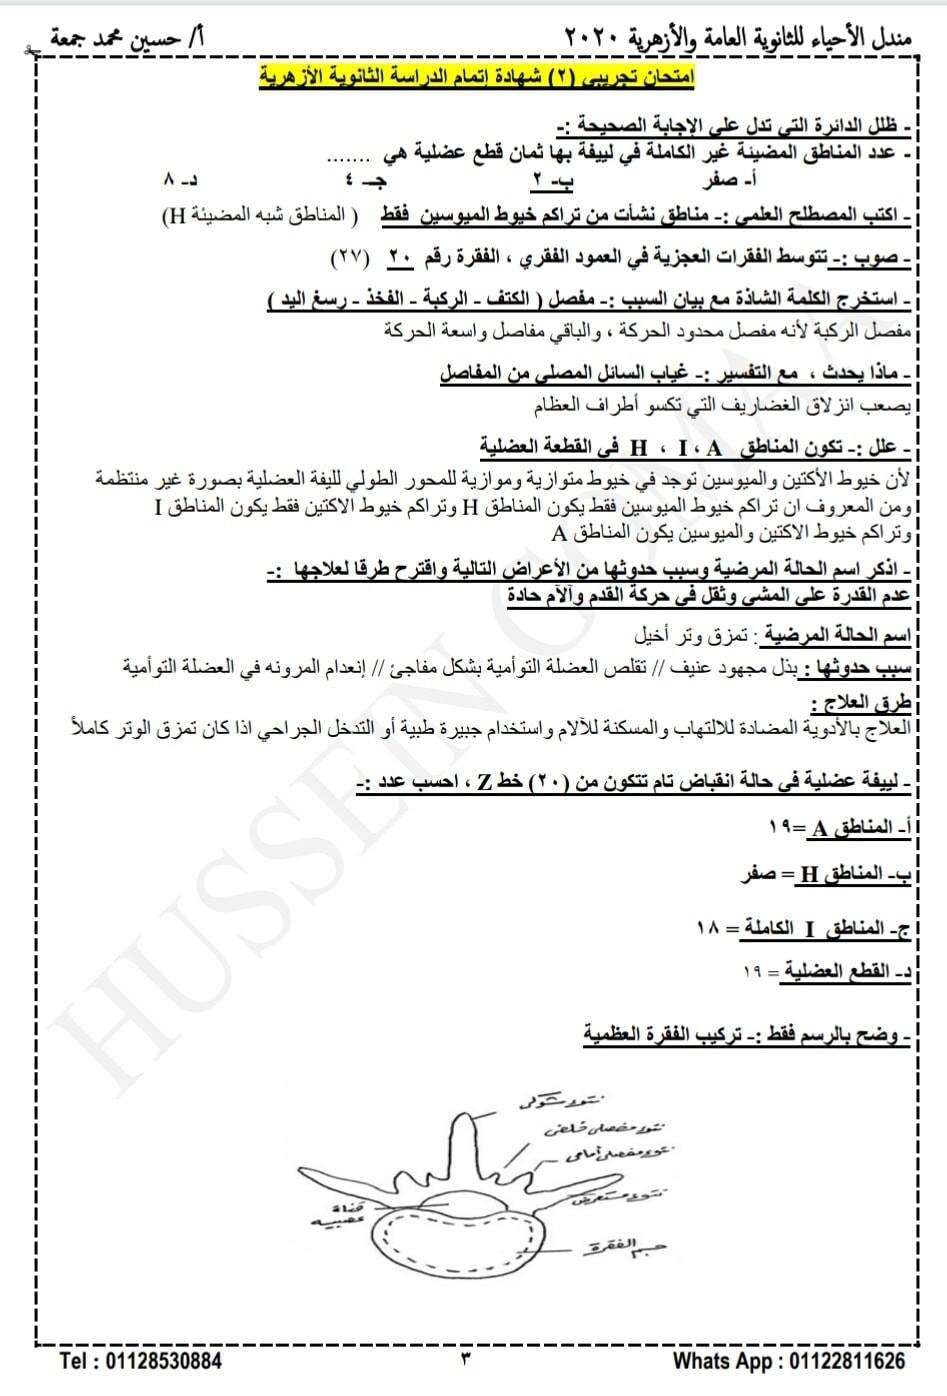 مراجعة مندل في الأحياء للثانوية الأزهرية.. أهم نقاط المنهج مستر/ حسين جمعة 41295